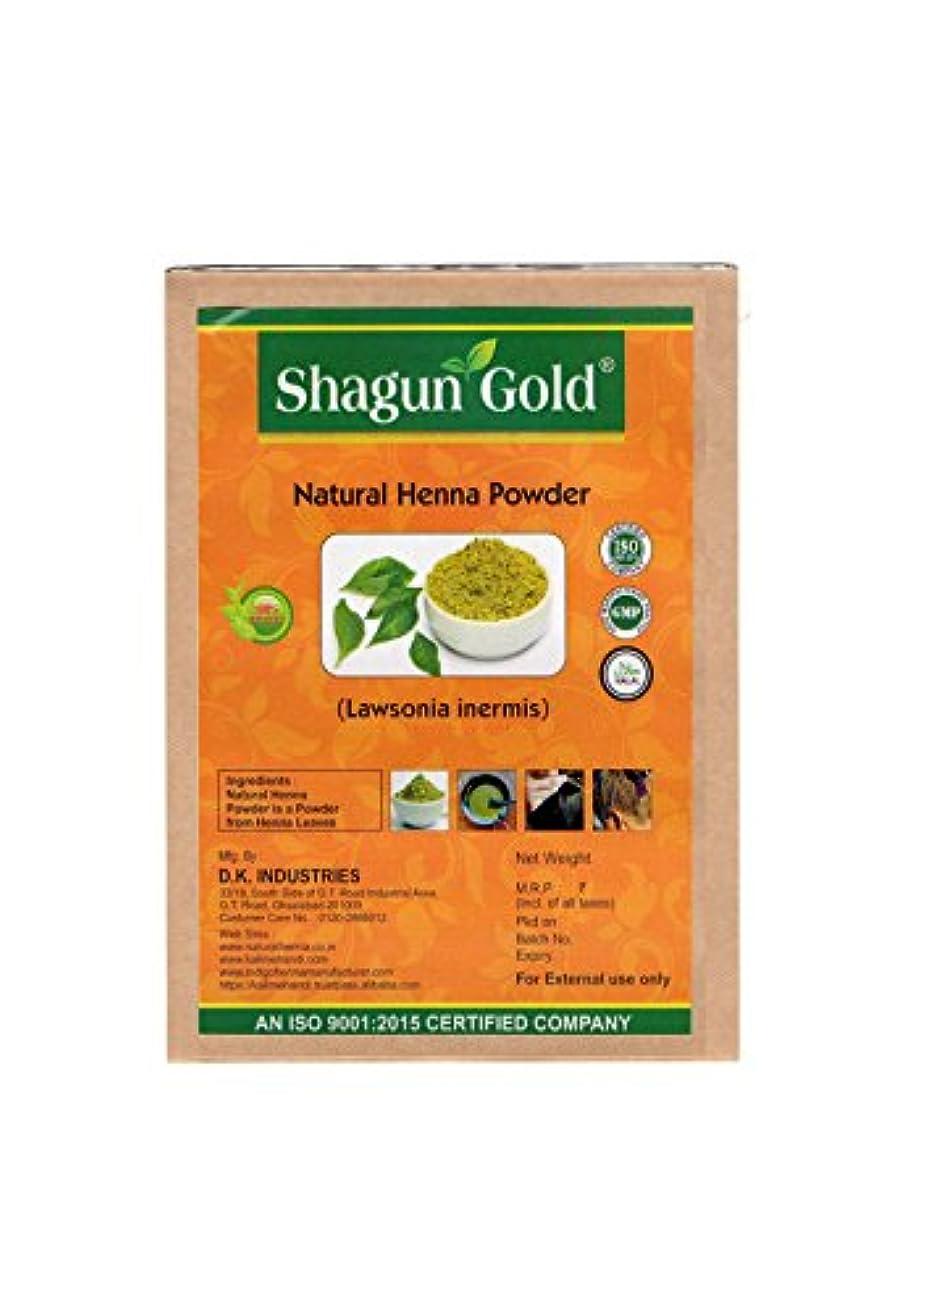 不十分知っているに立ち寄る発動機Shagun Gold A 100% Natural ( lawsonia Inermis ) Natural Henna Powder For Hair Certified By Gmp / Halal / ISO-9001-2015 No Ammonia, No PPD, Chemical Free 7.05 Oz / ( 1 / 2 lb ) / 200g